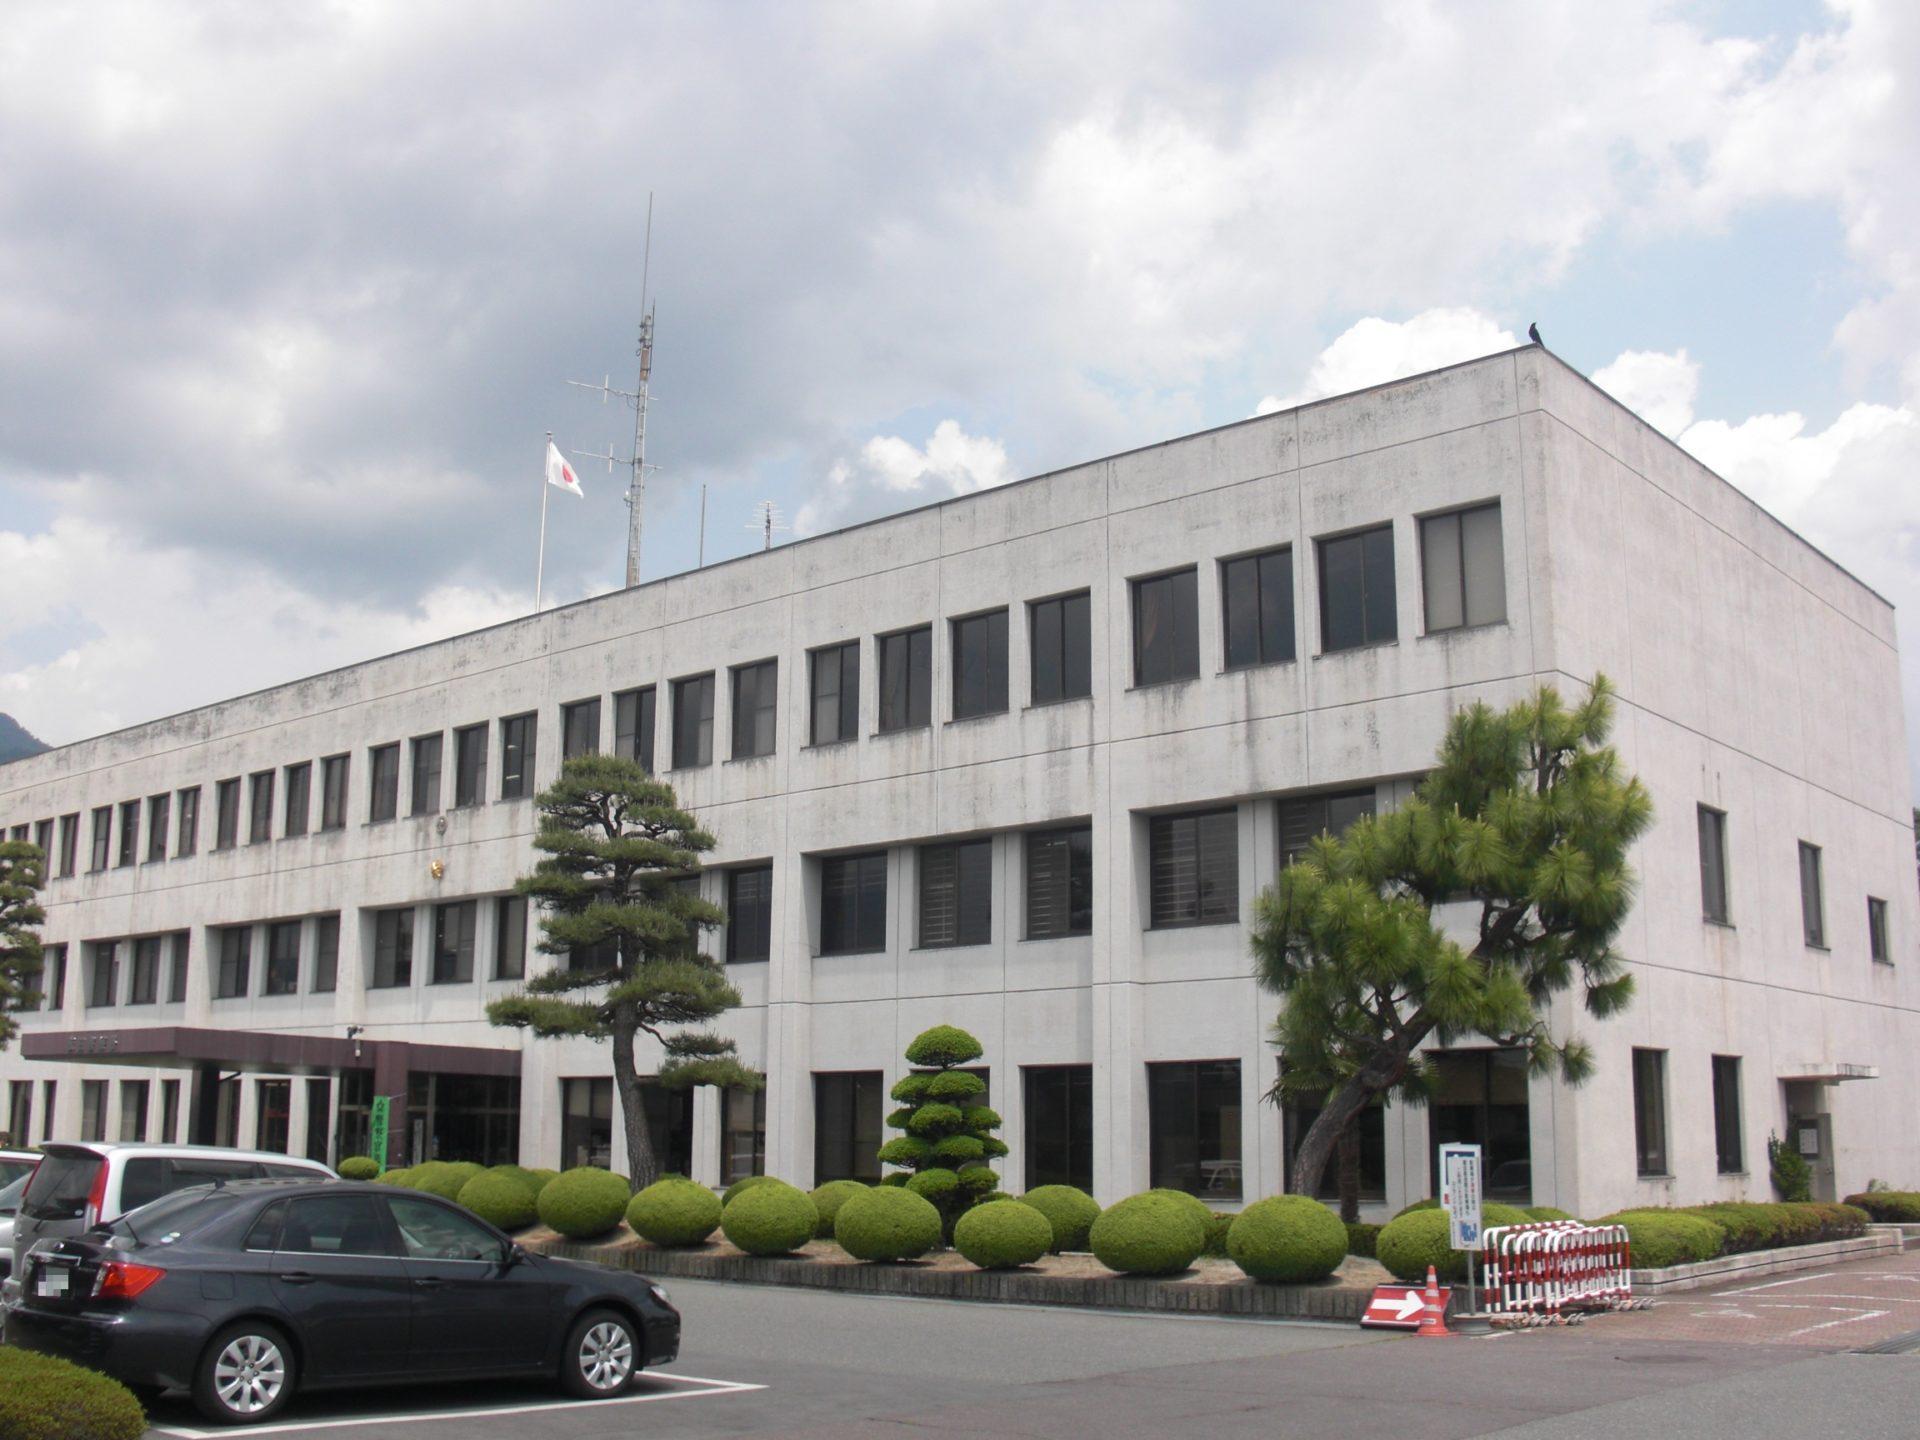 長野県飯田市のアパートで殺害された後に財布を奪った強盗殺人の裁判